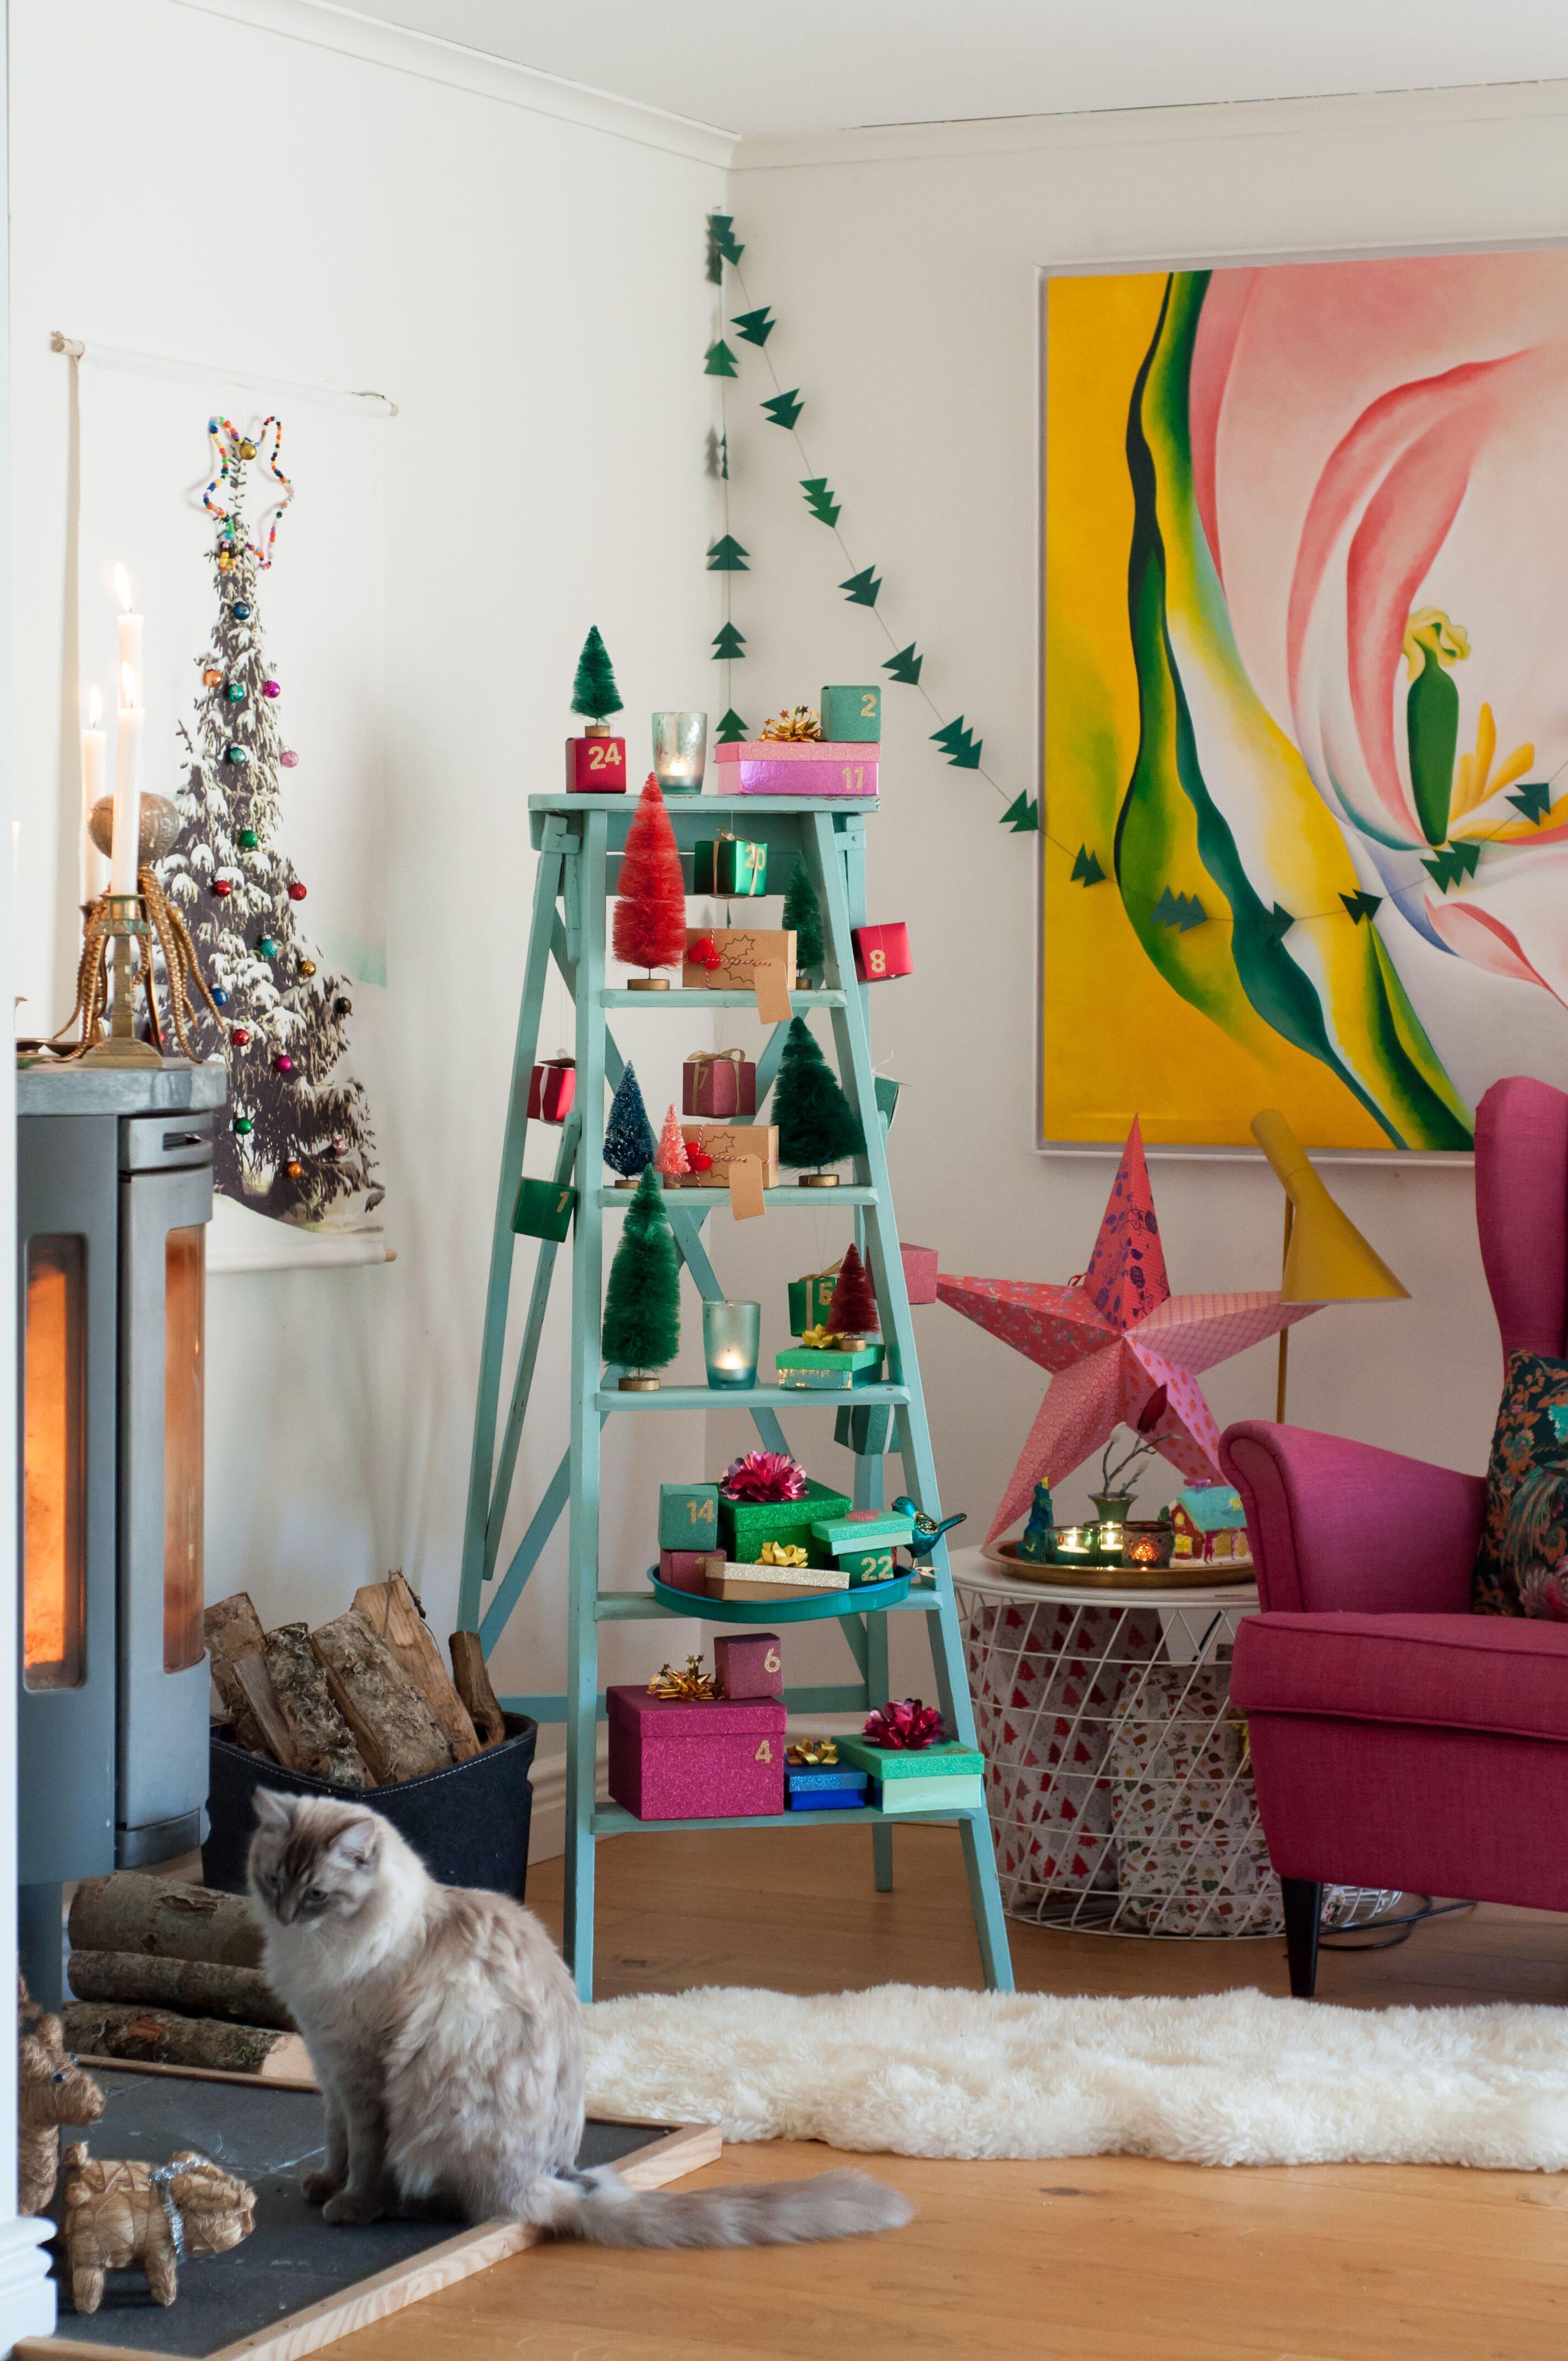 Adventskalender, Paketkalender, Julkalender, Julklappskalender av Leonor Juhl Kristiansson - Fröken Turkos